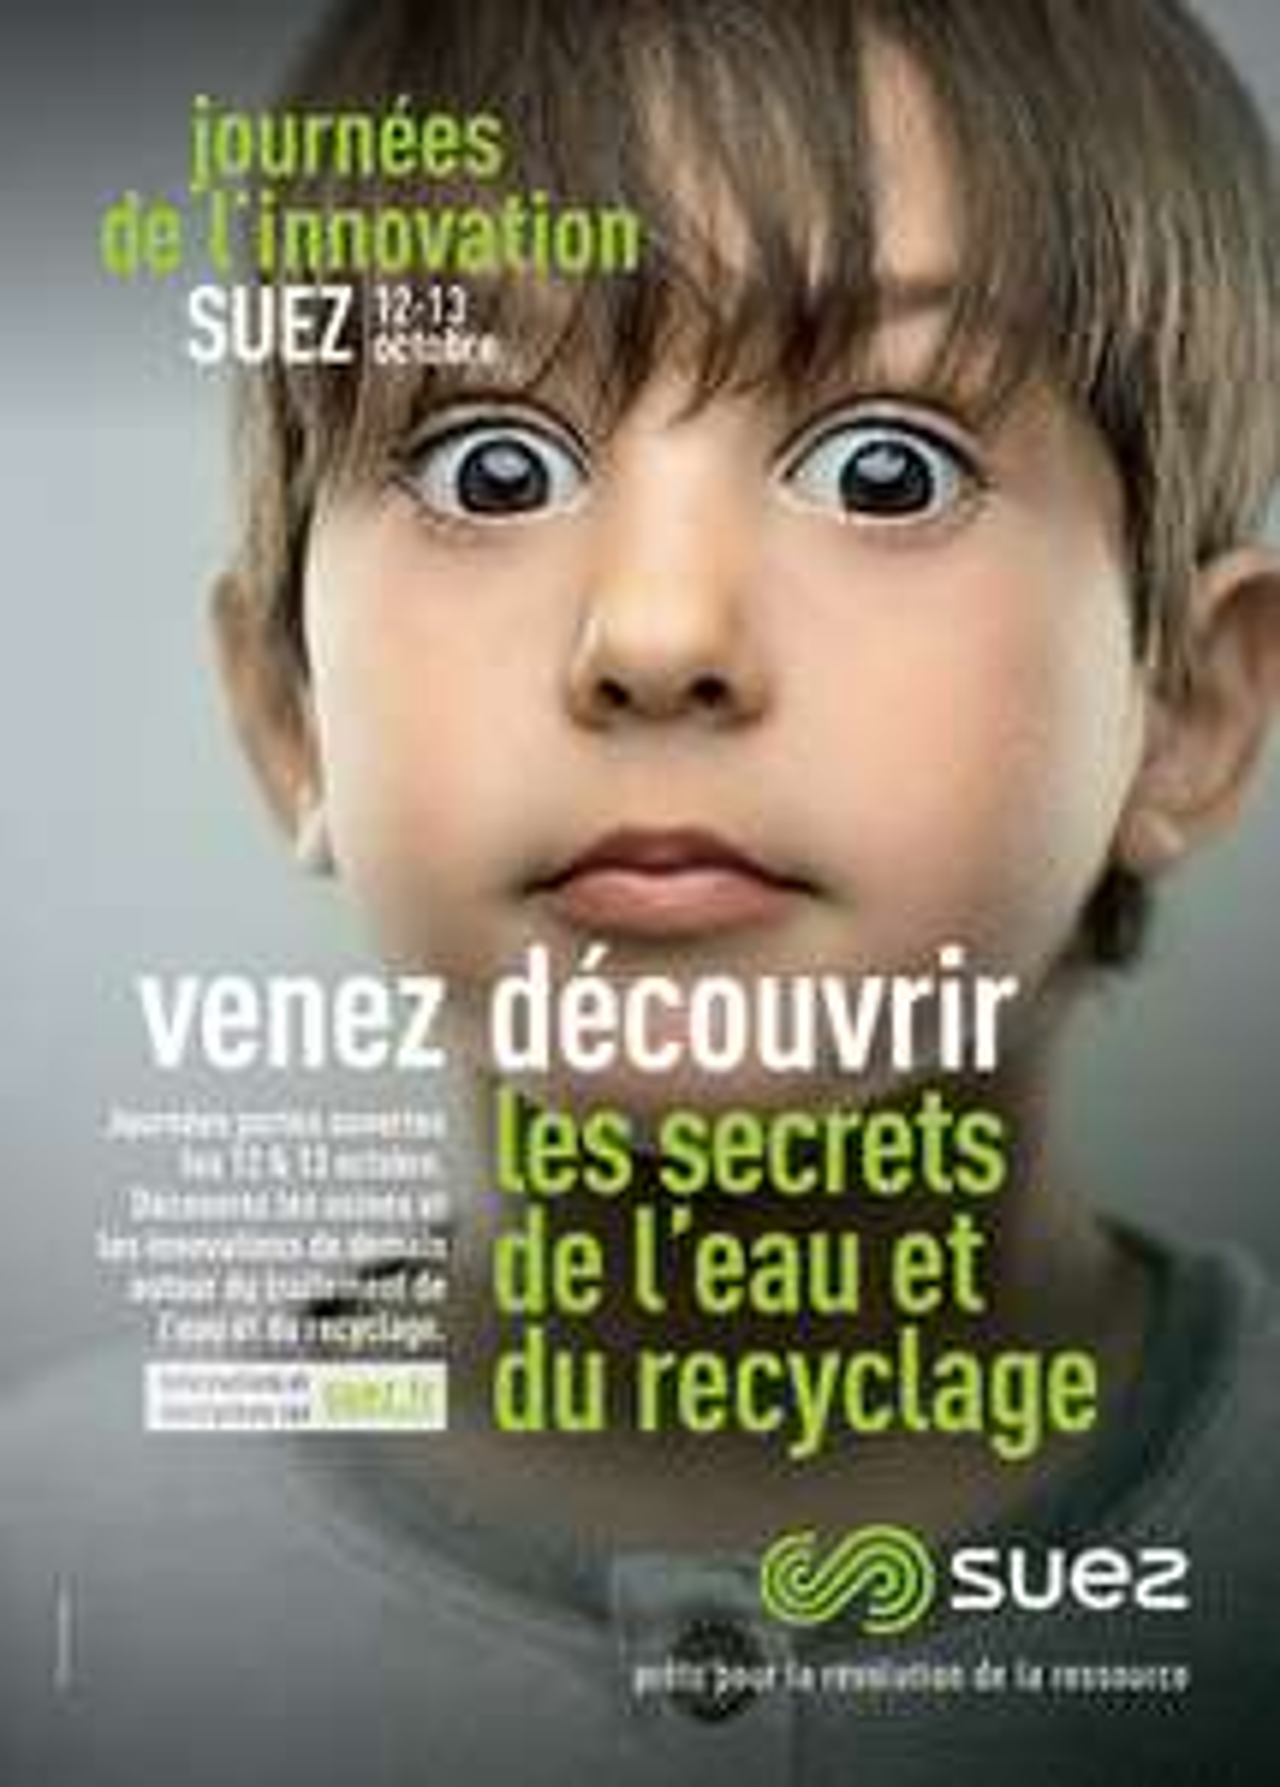 Journée de l'Innovation Suez : Visites des installations ce 12 et 13 Octobre (Suez.fr)